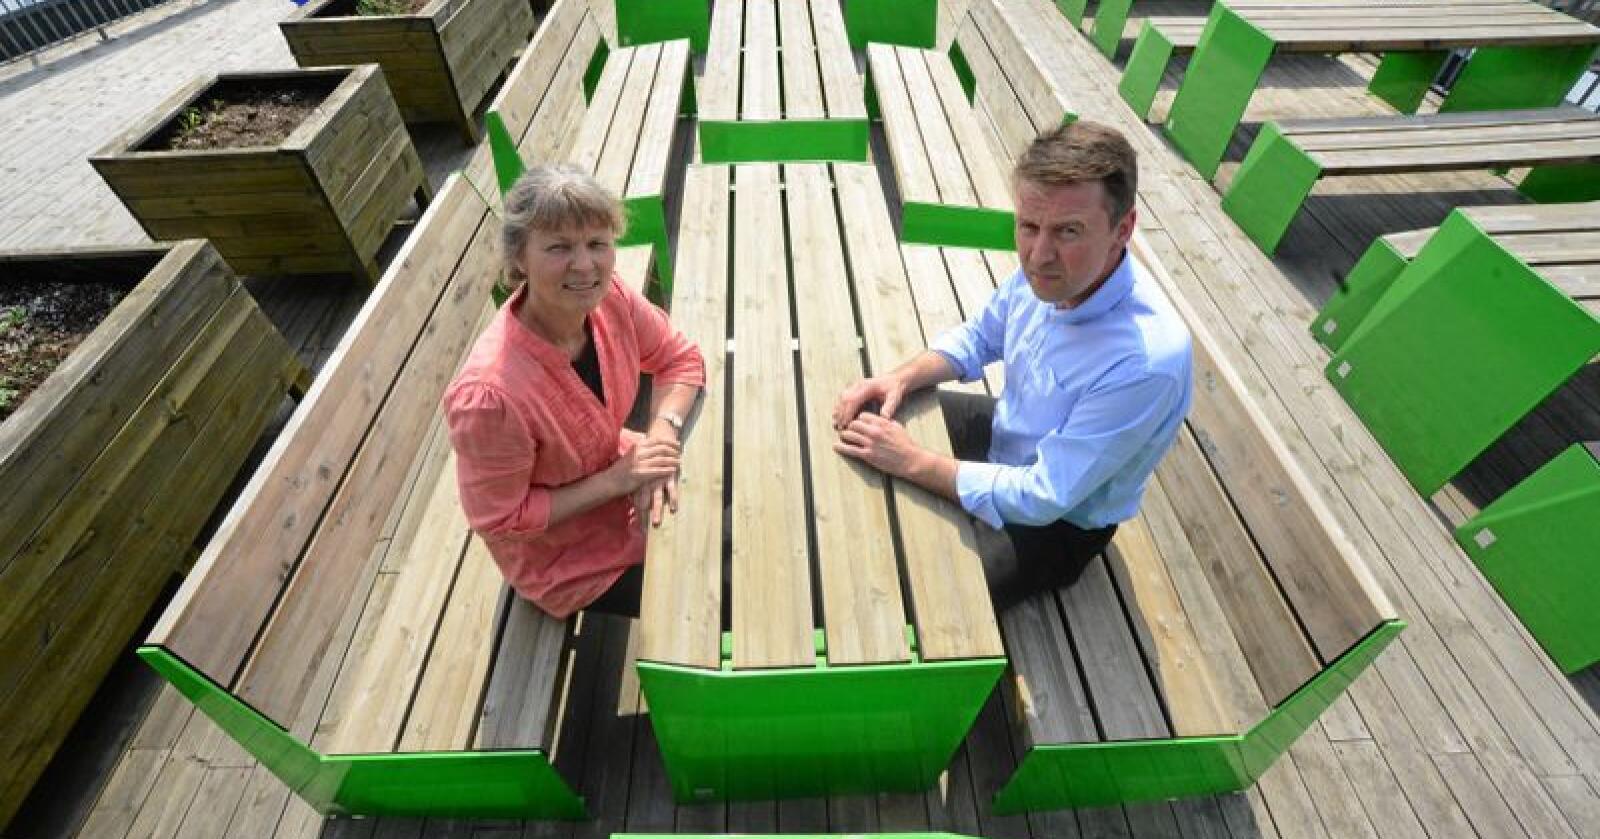 Kjersti Hoff, leder i Småbrukarlaget, og Lars Petter Bartnes, leder i Bondelaget, vil ha svar fra regjeringen. Foto: Siri Juell Rasmussen